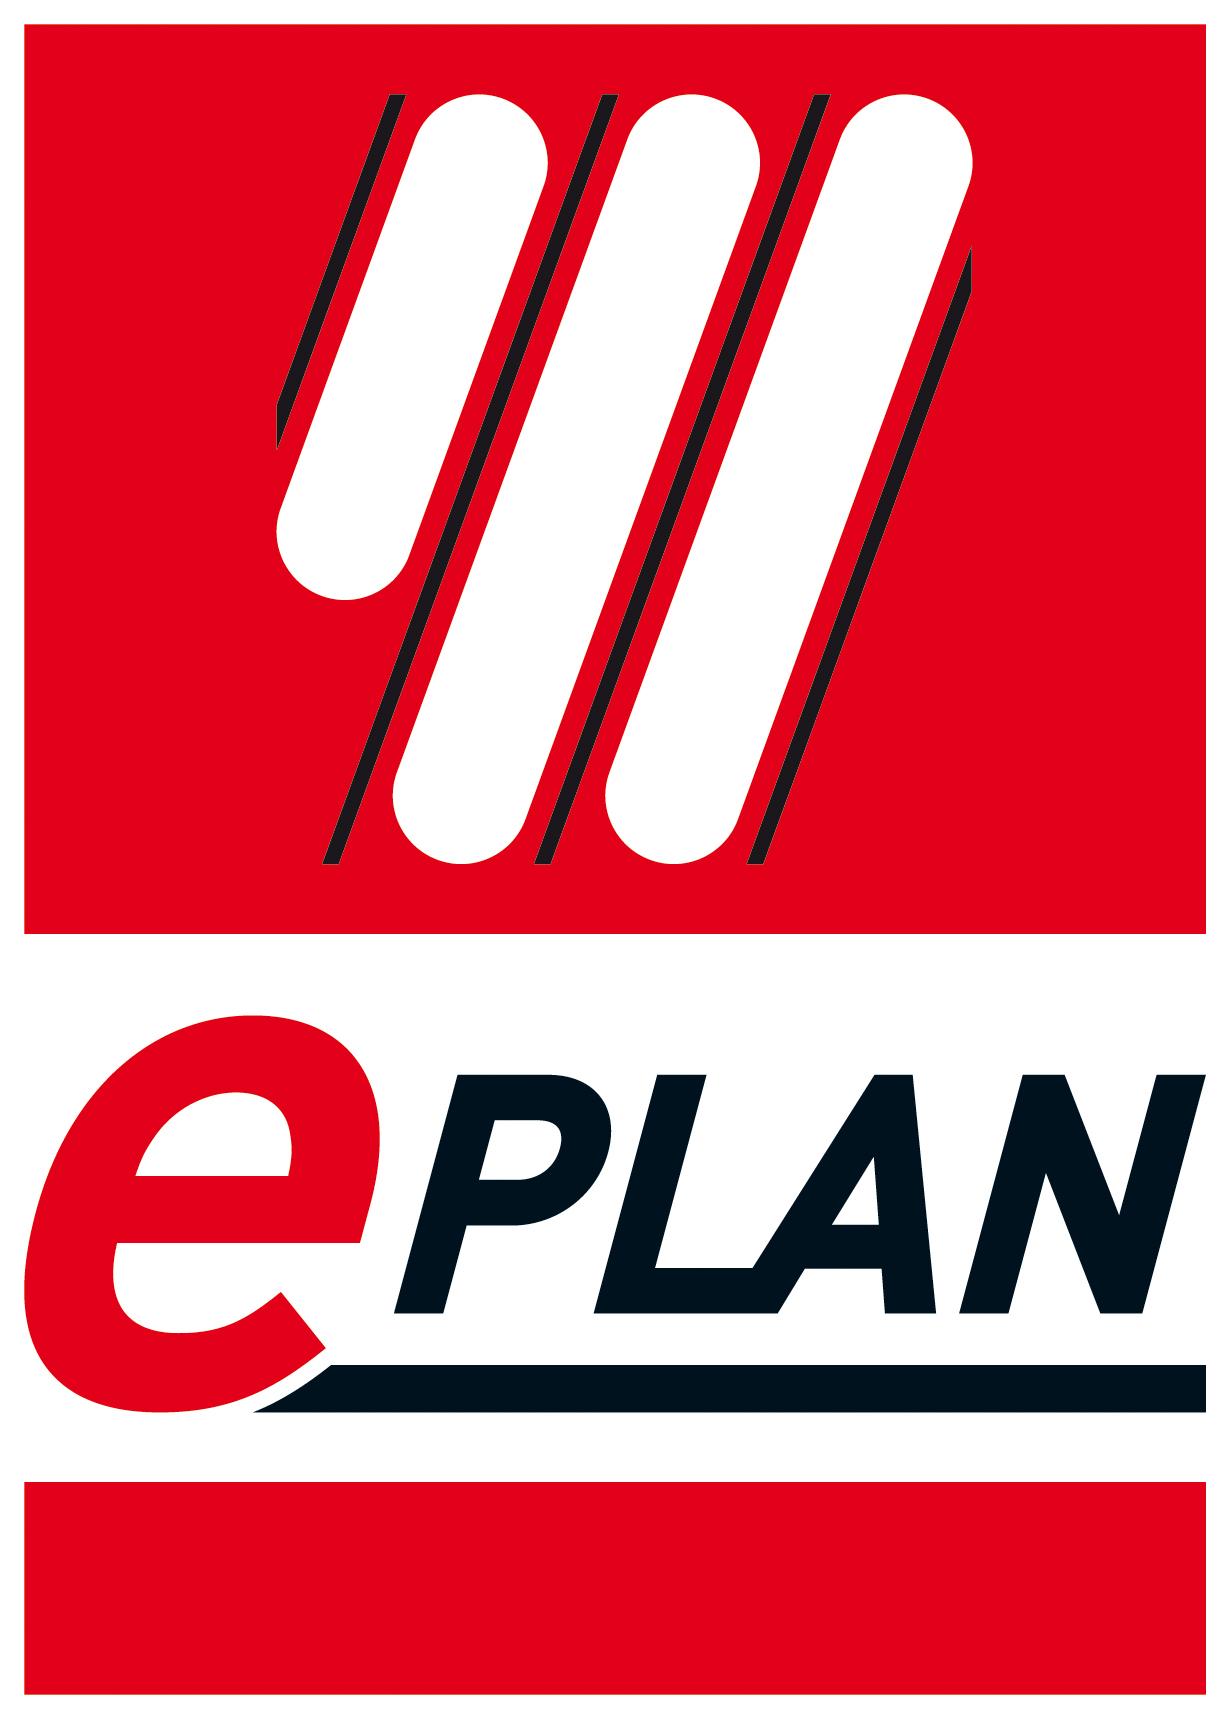 neues-Firmenlogo-ePLAN-4c-CS2.jpg